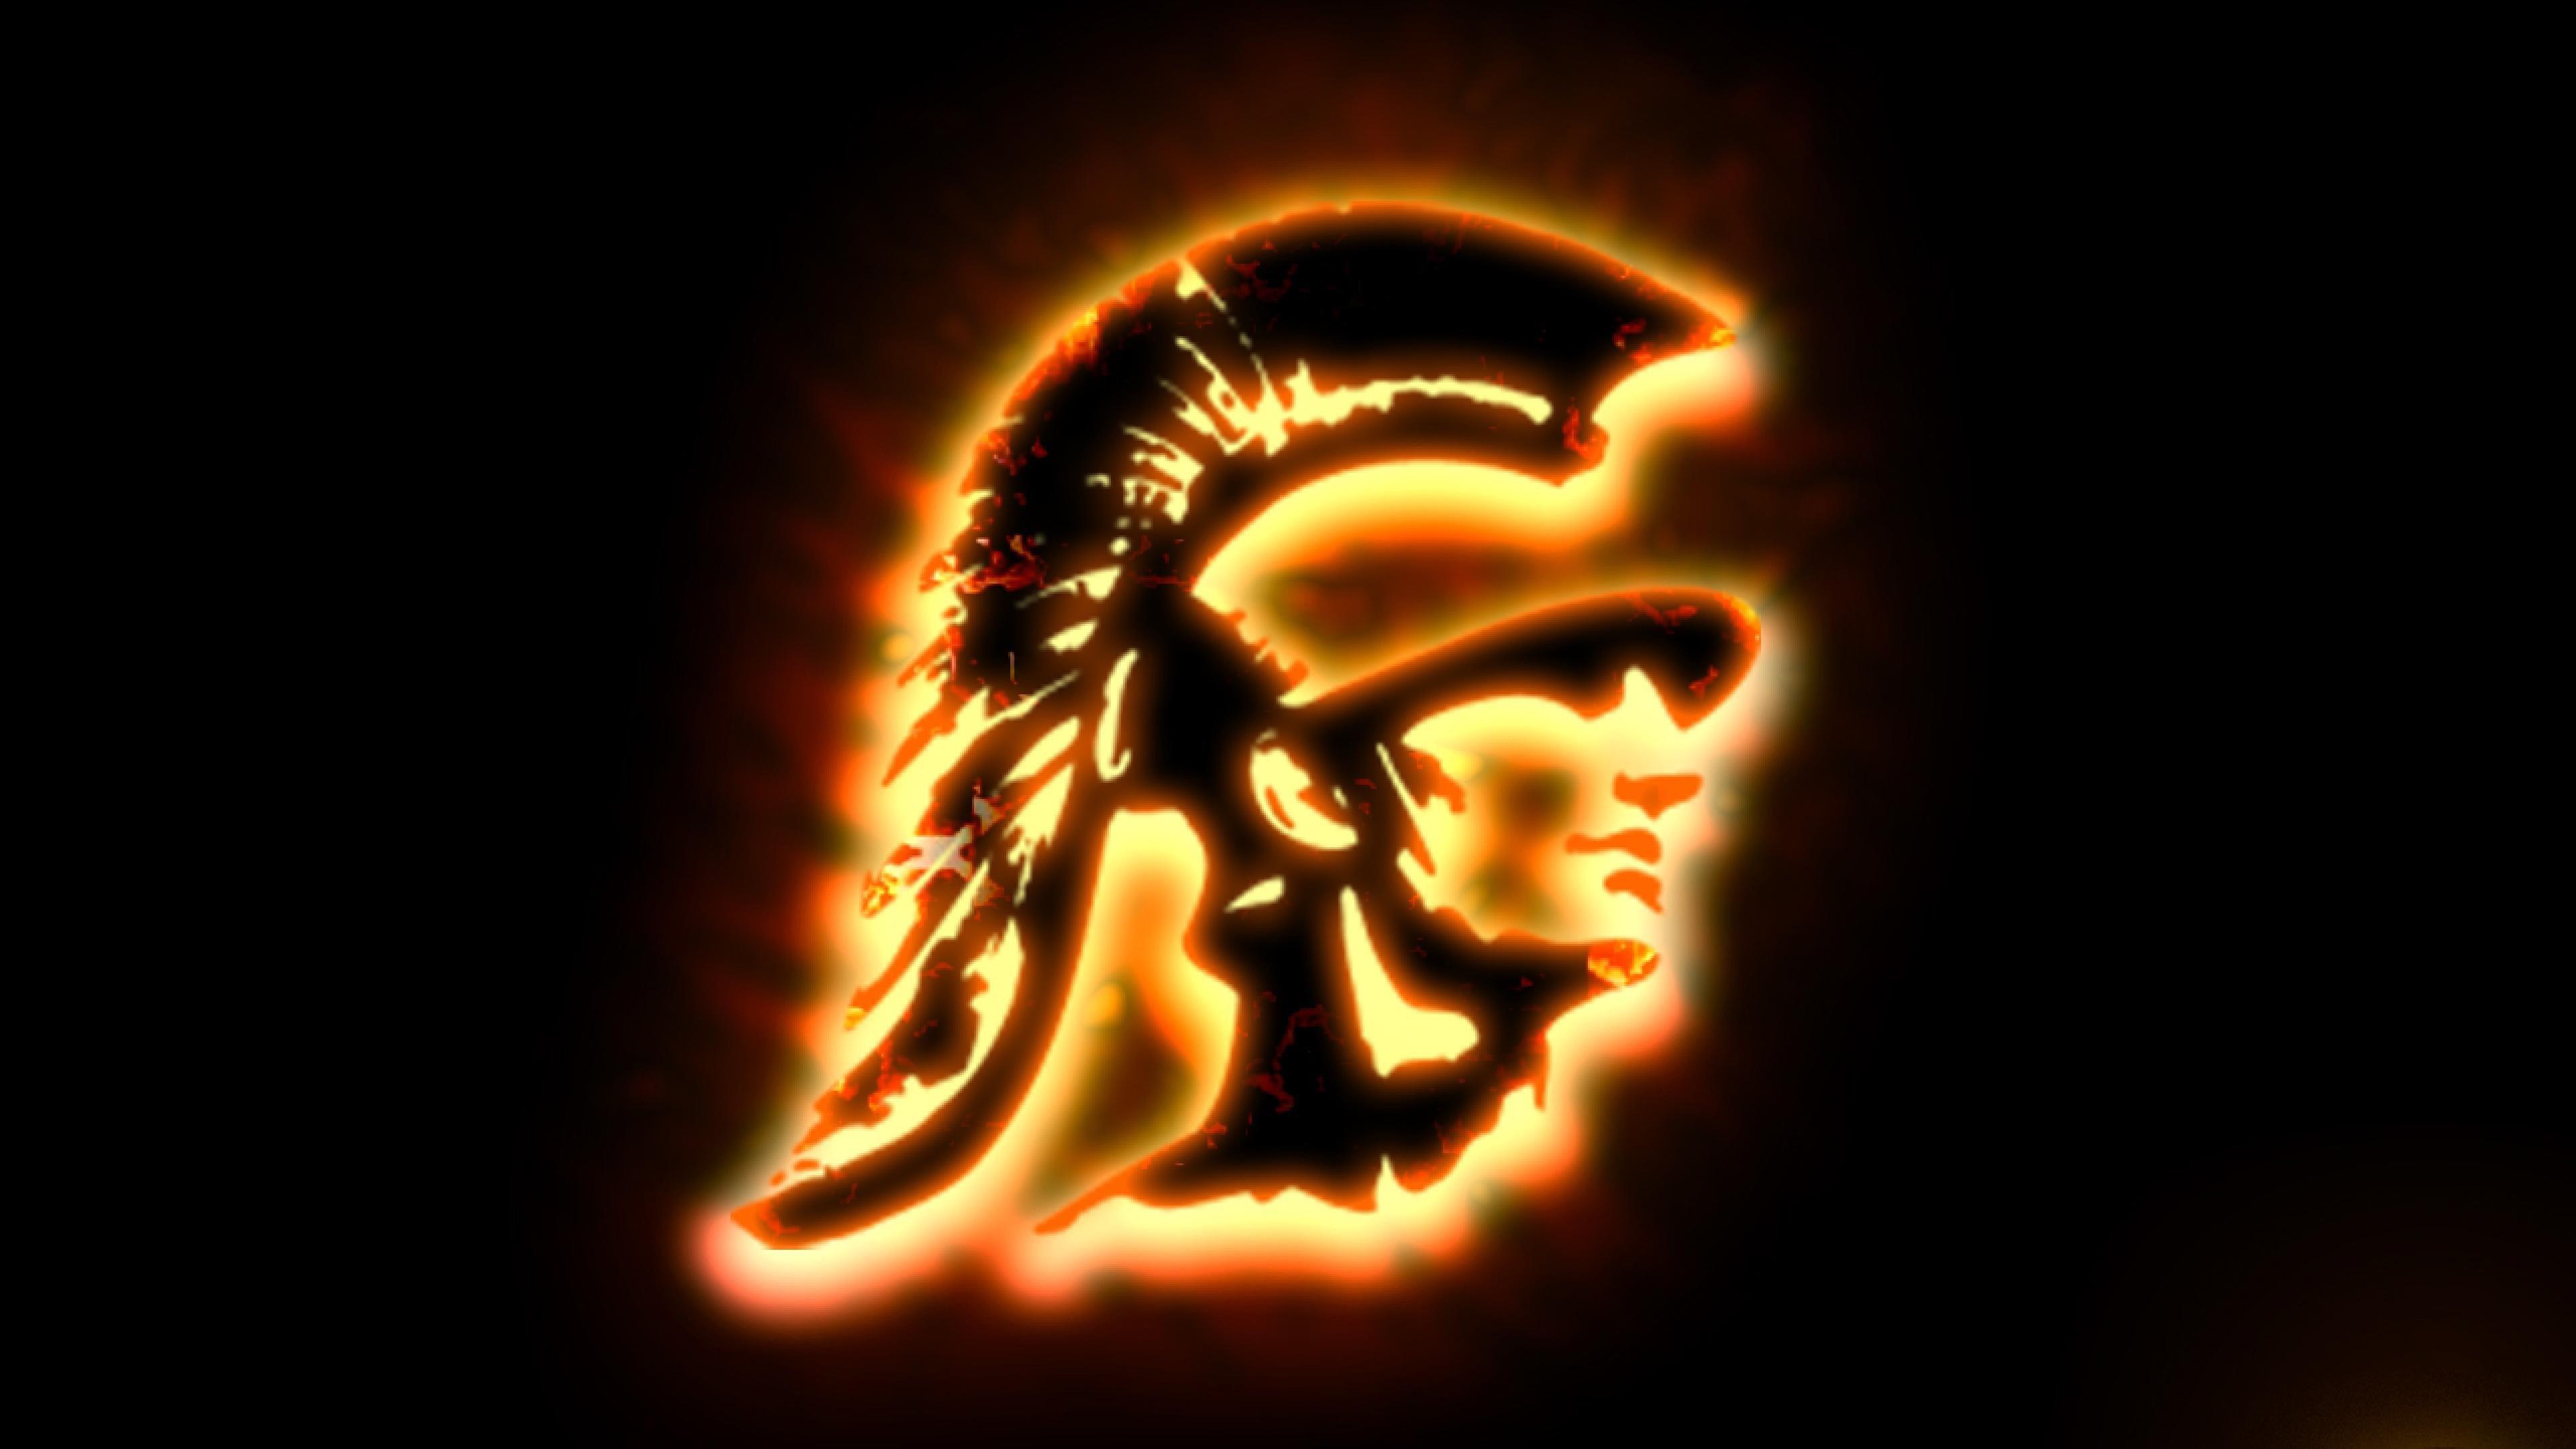 USC TROJANS college football wallpaper 3840x2160 592779 3840x2160